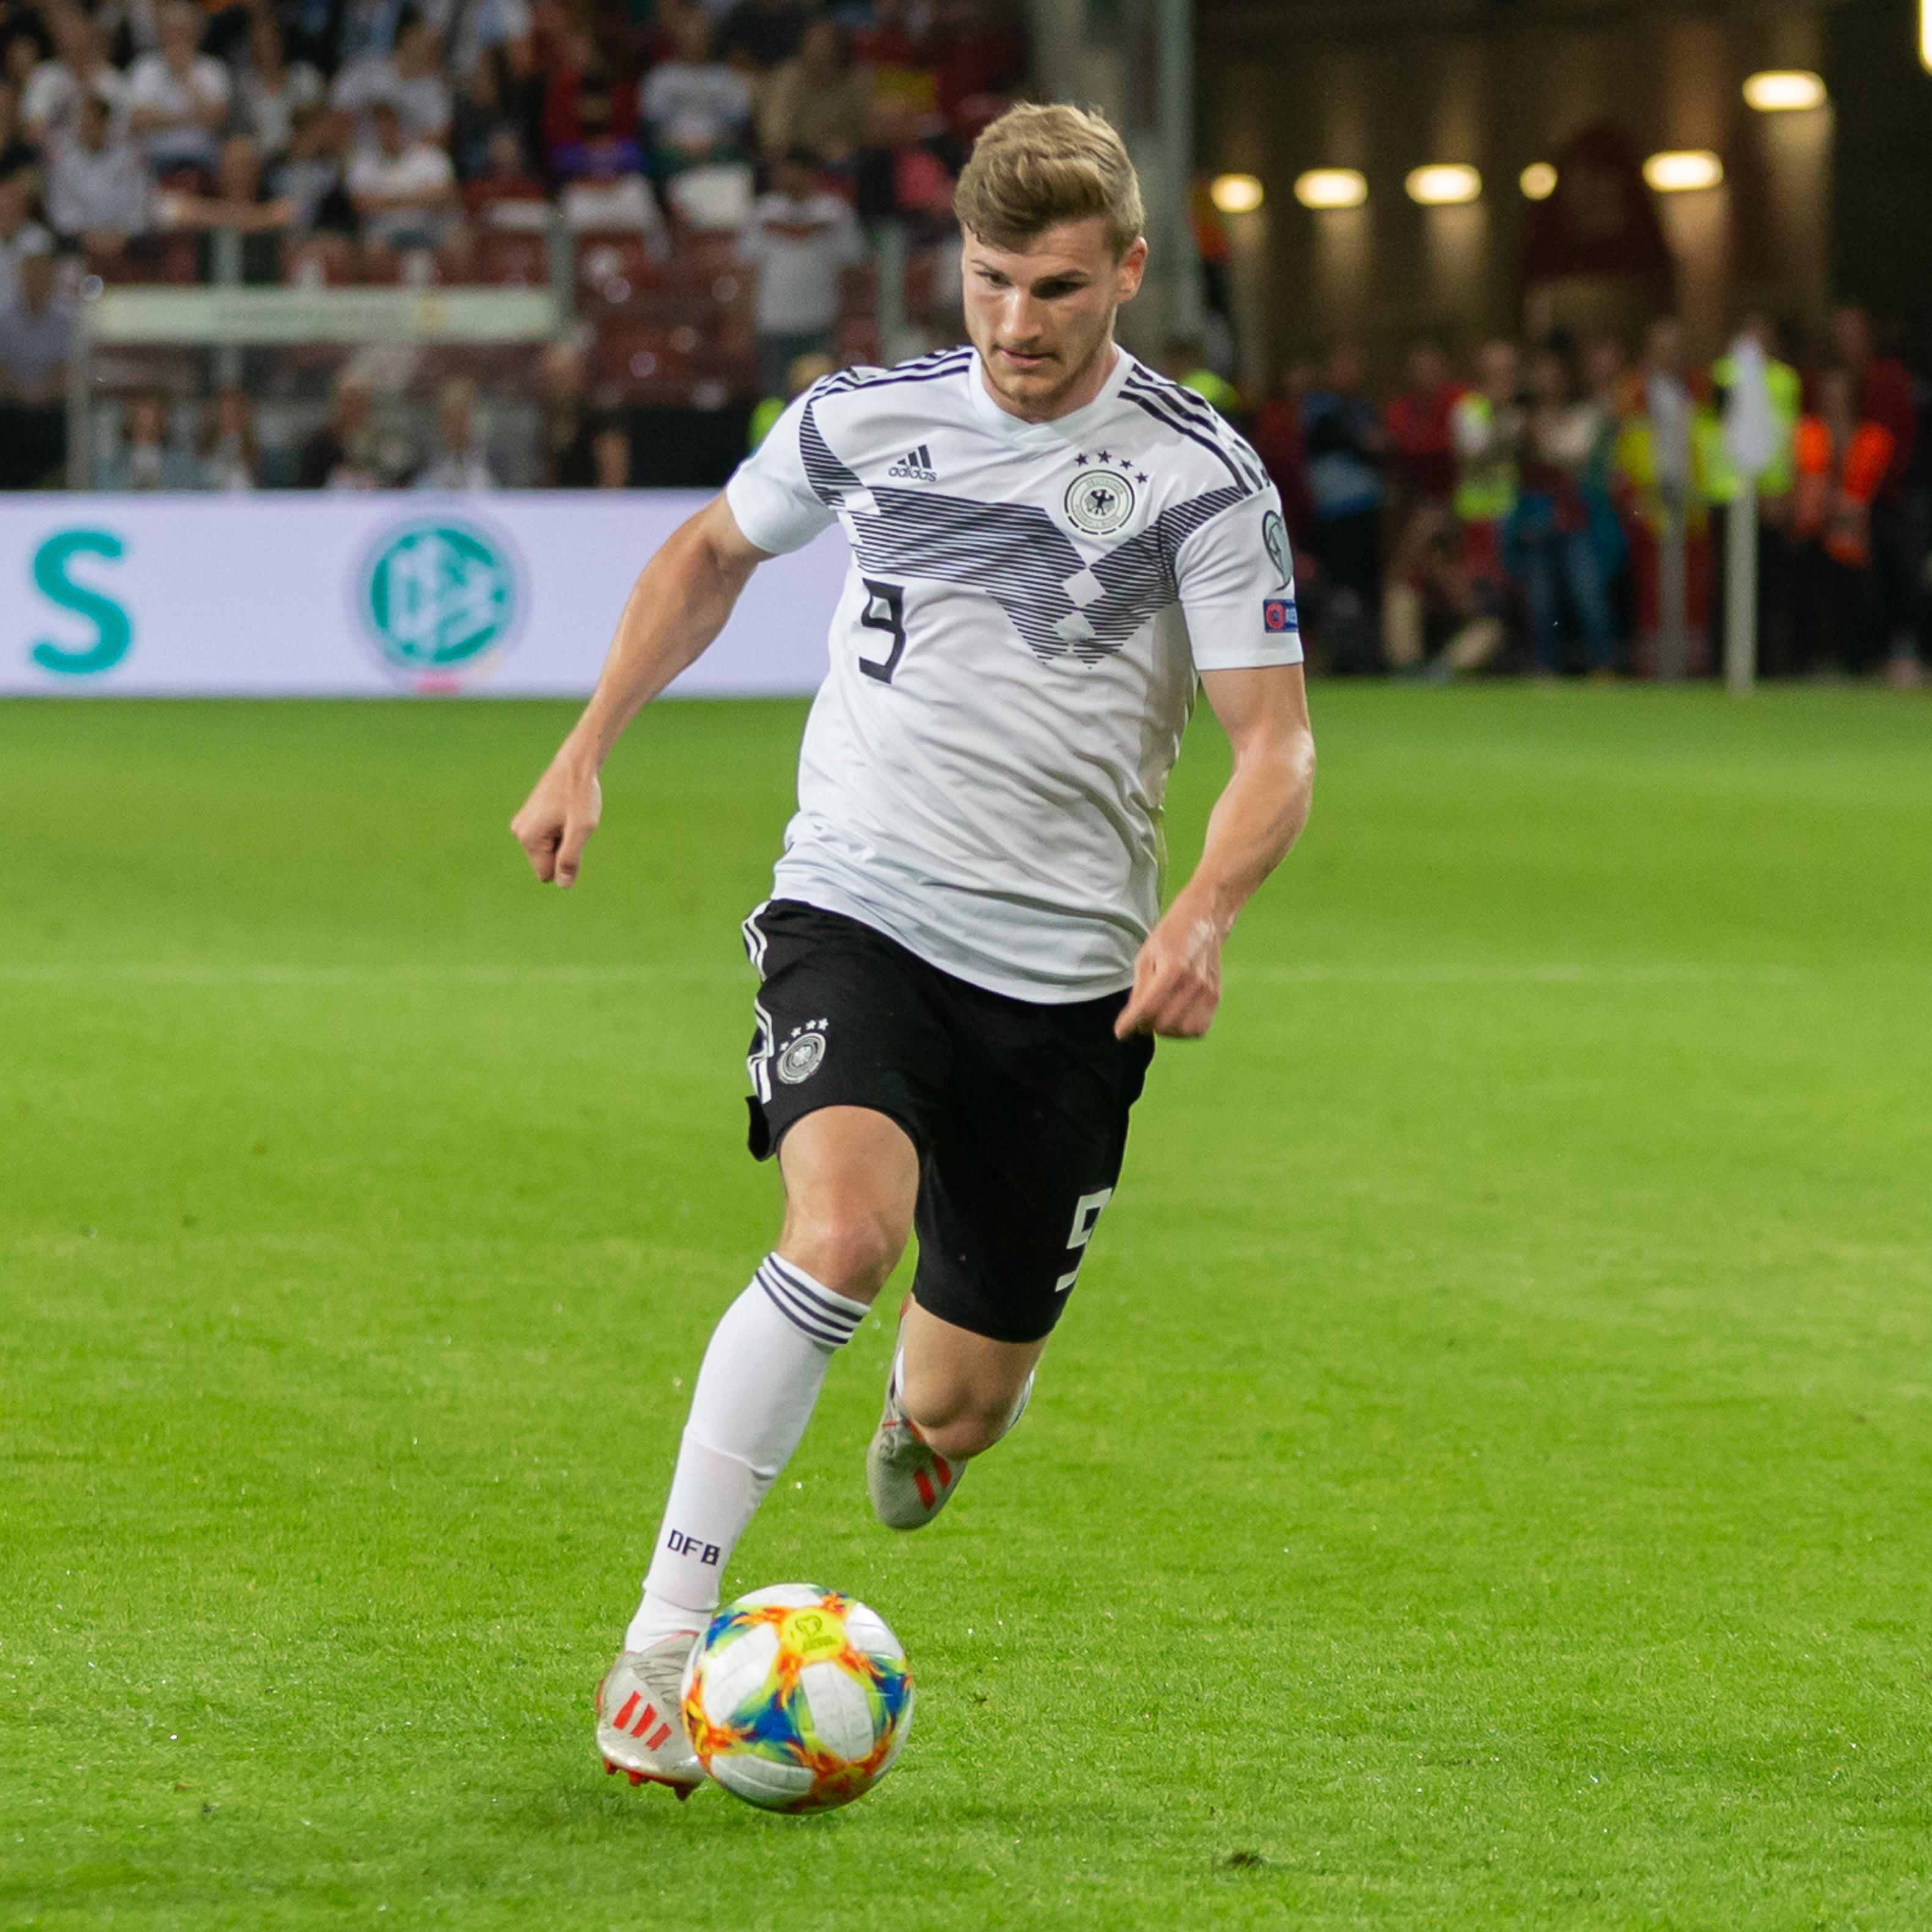 File:2019-06-11 Fußball, Männer, Länderspiel, Deutschland-Estland StP 2280 LR10 by Stepro.jpg